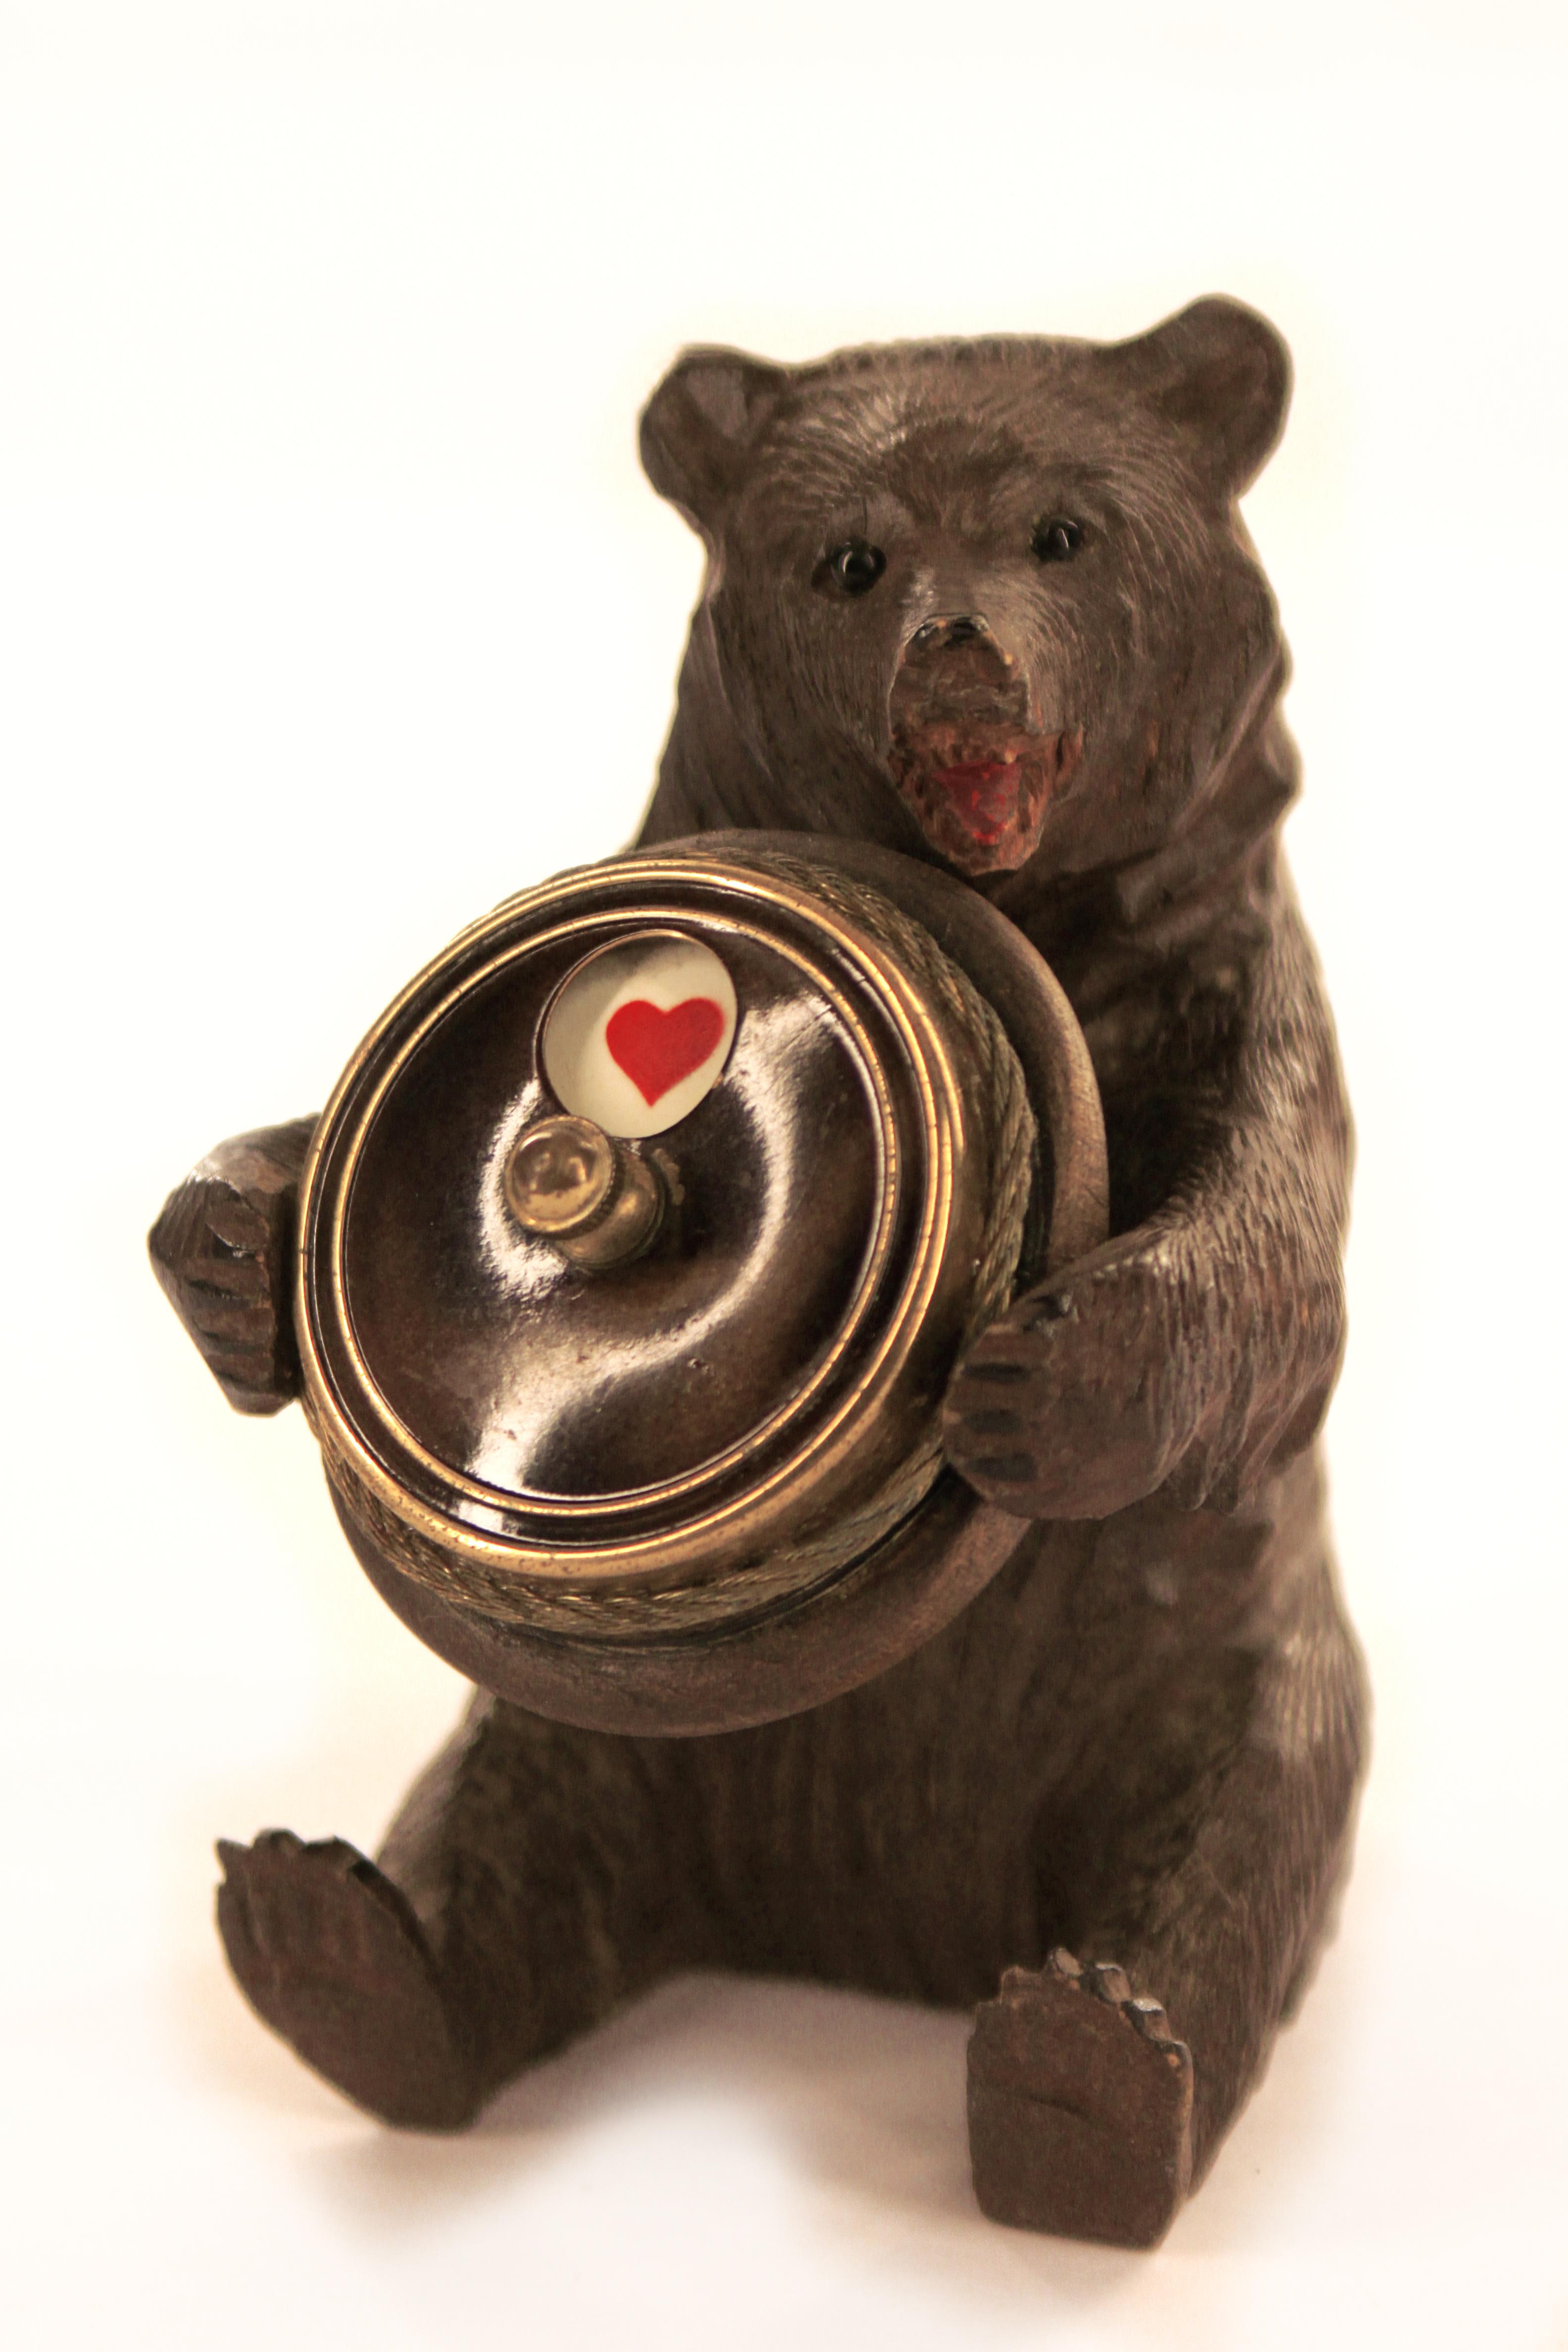 Een foto van een beeldje van een beer, zittend op zijn kont. De Beer heeft een rond voorwerp in zijn poten met daarop een hartje, een van de symbolen van een kaartspel